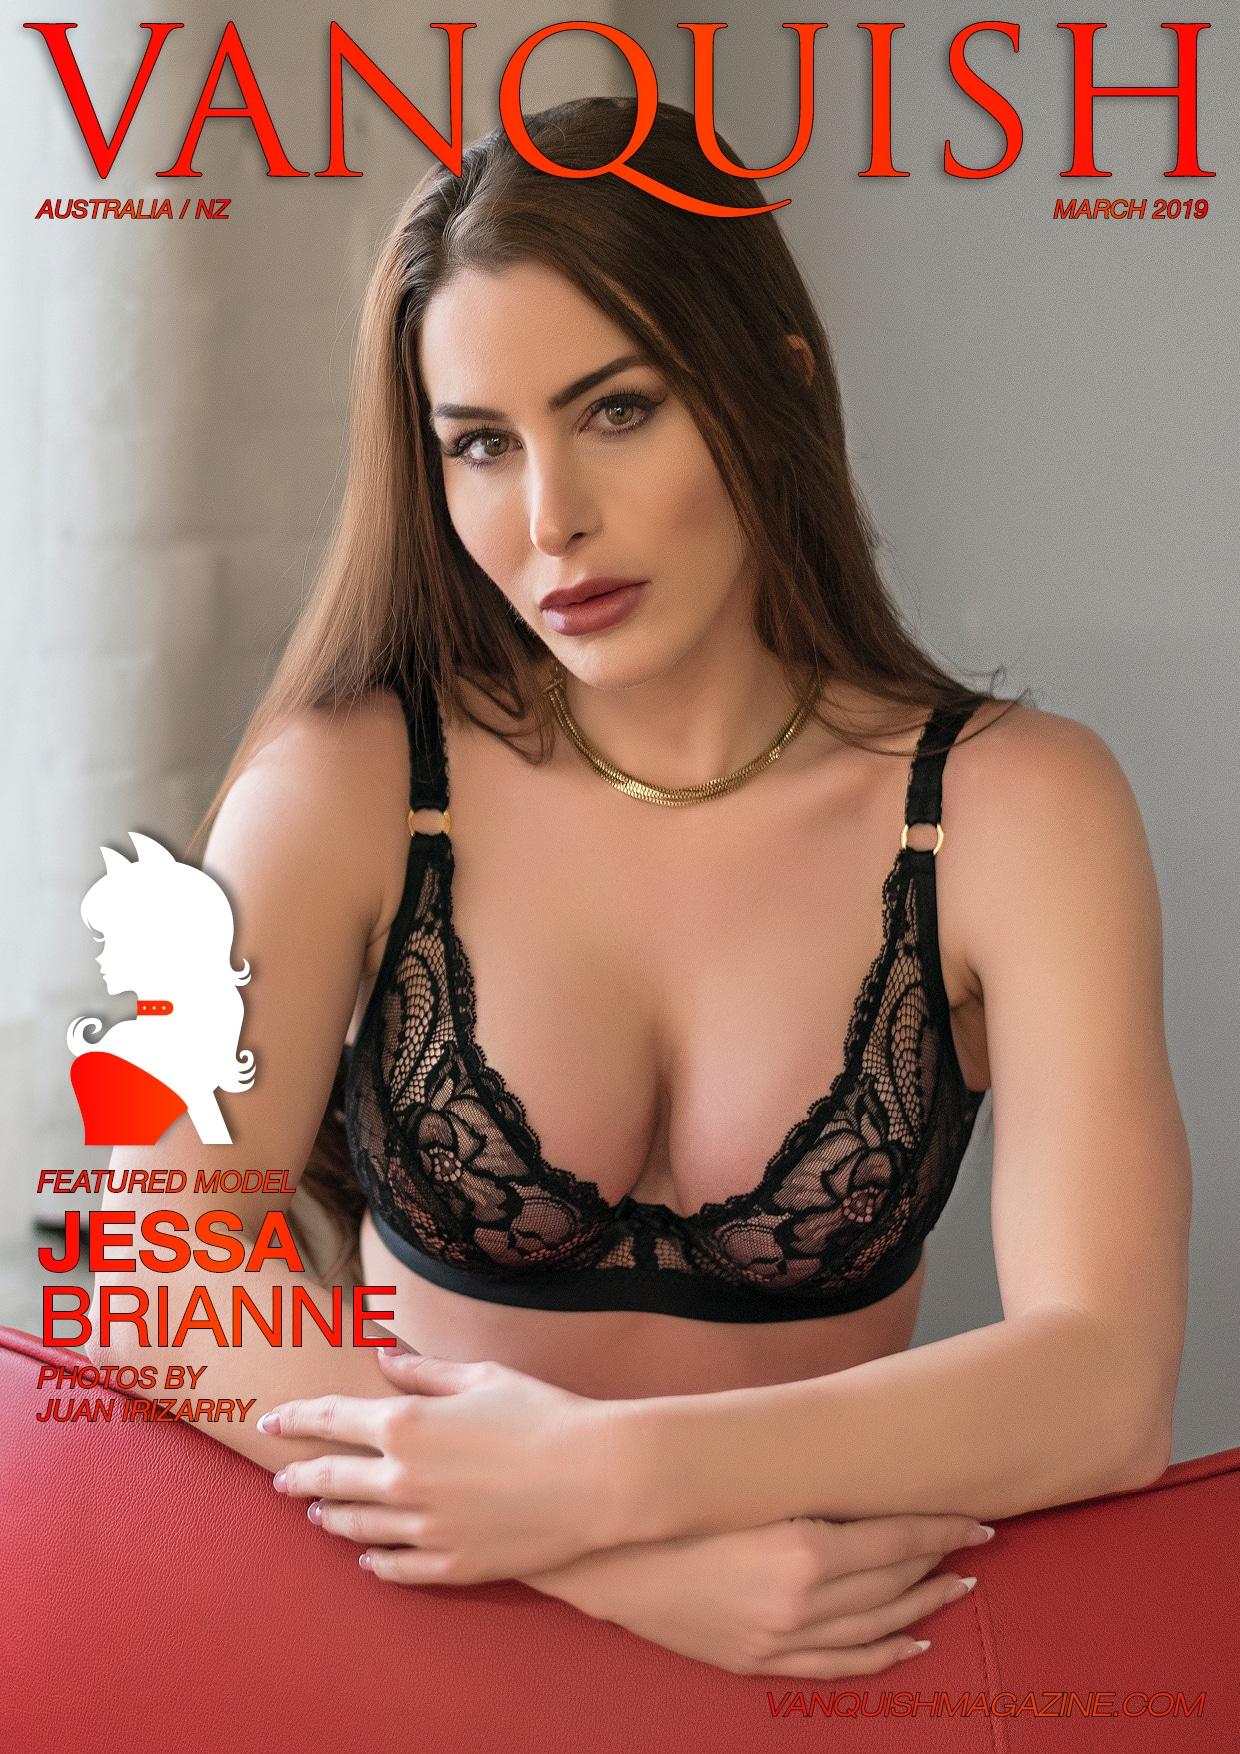 Vanquish Magazine - March 2019 - Jessa Brianne 1